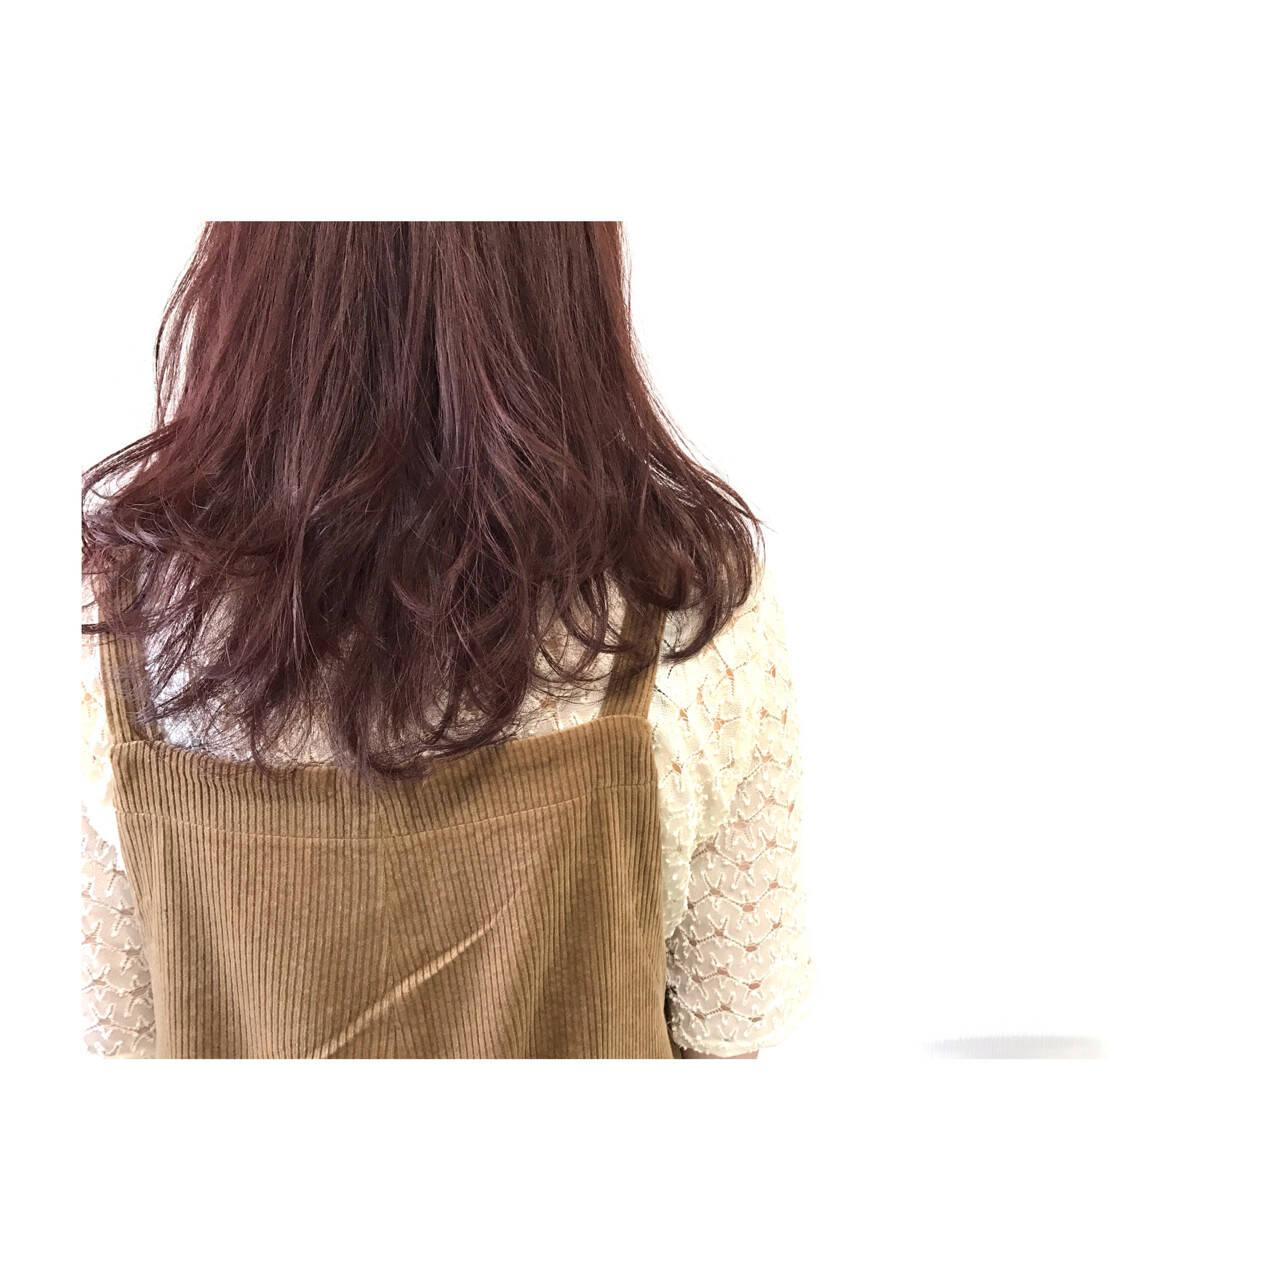 レッド セミロング フェミニン 透明感ヘアスタイルや髪型の写真・画像